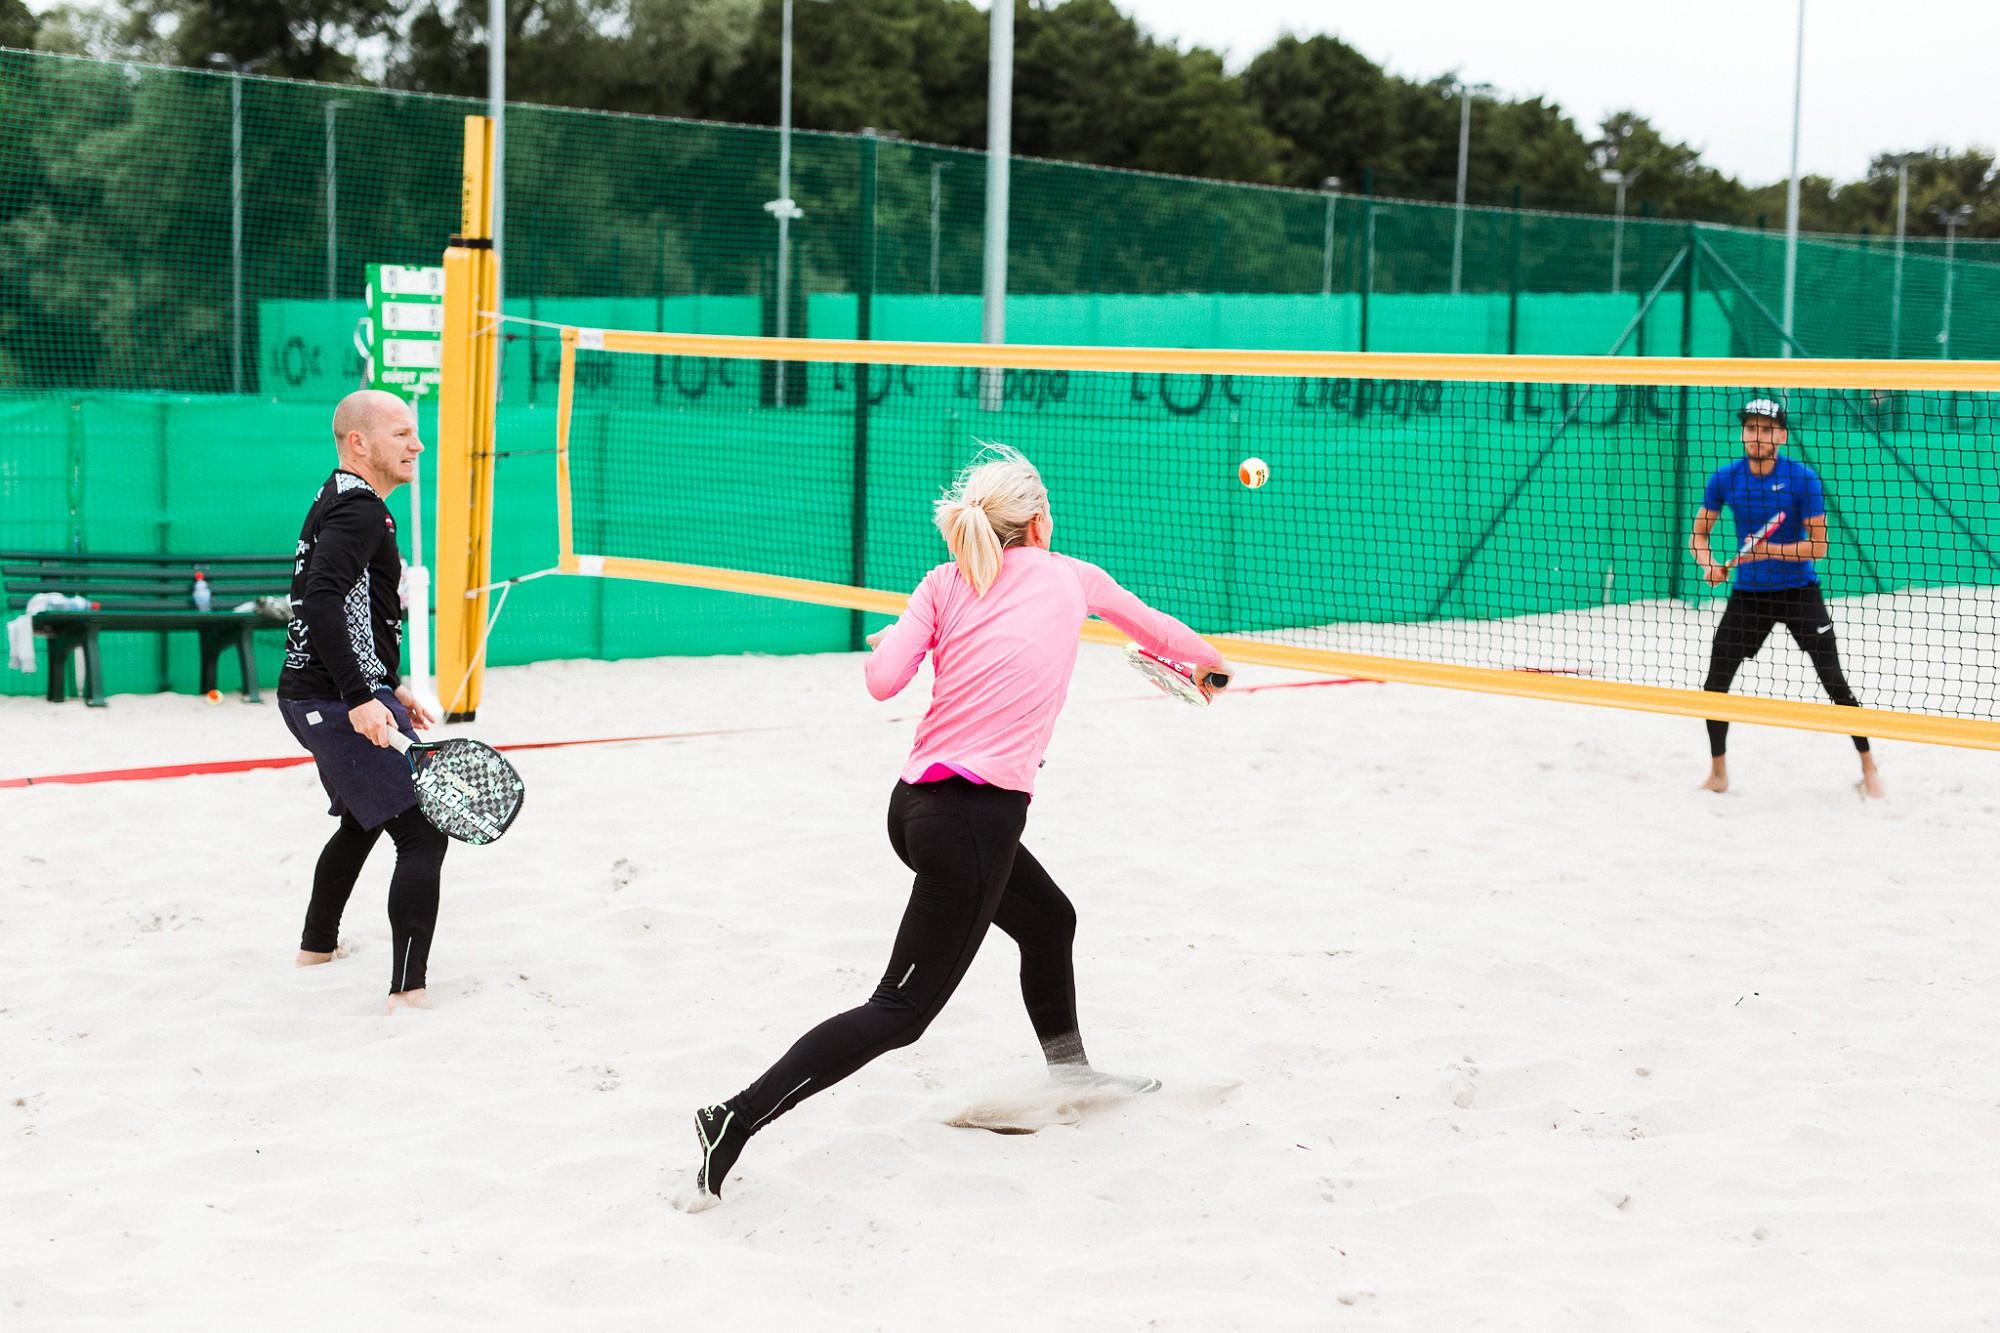 Aizvadīts pludmales tenisa turnīra ceturtais posms